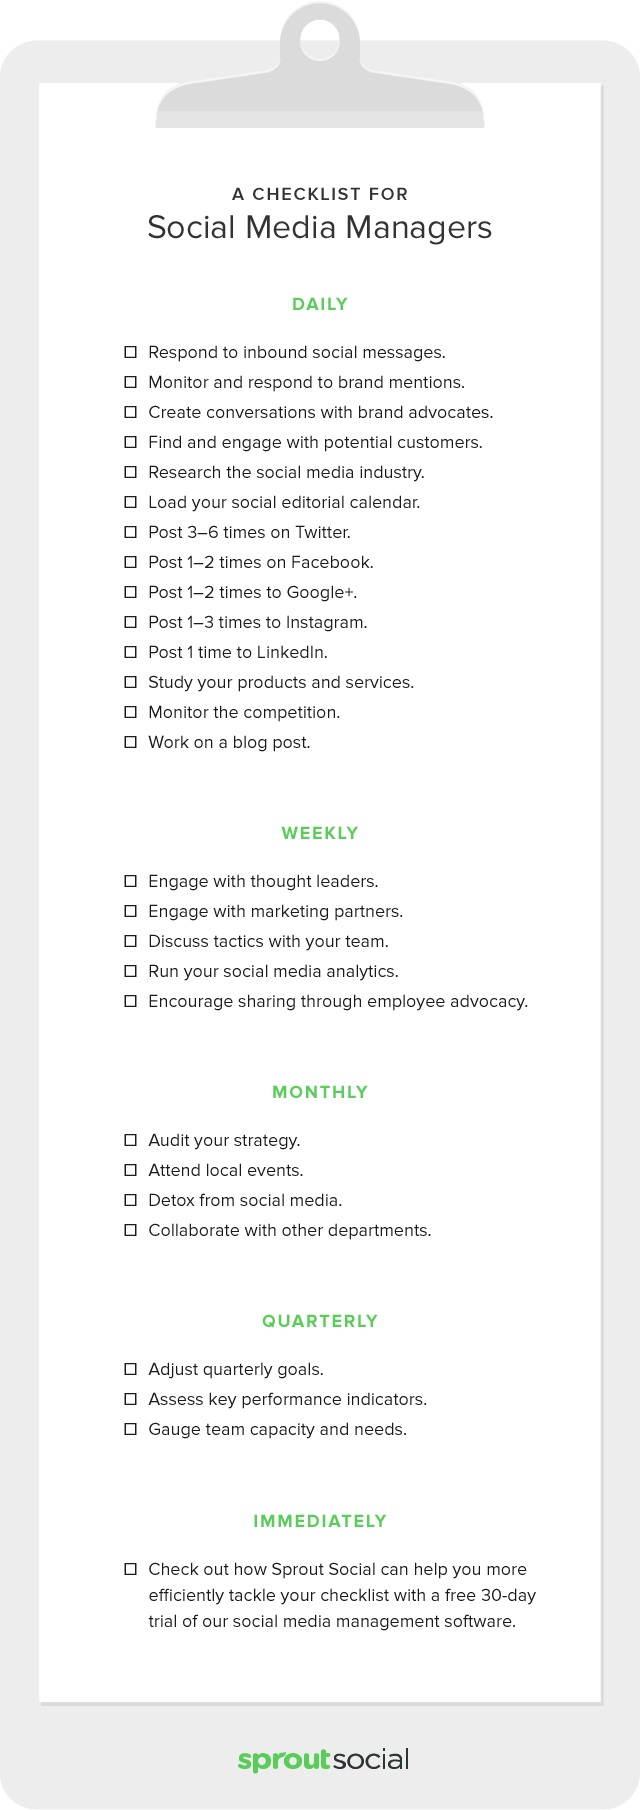 social-media checklist